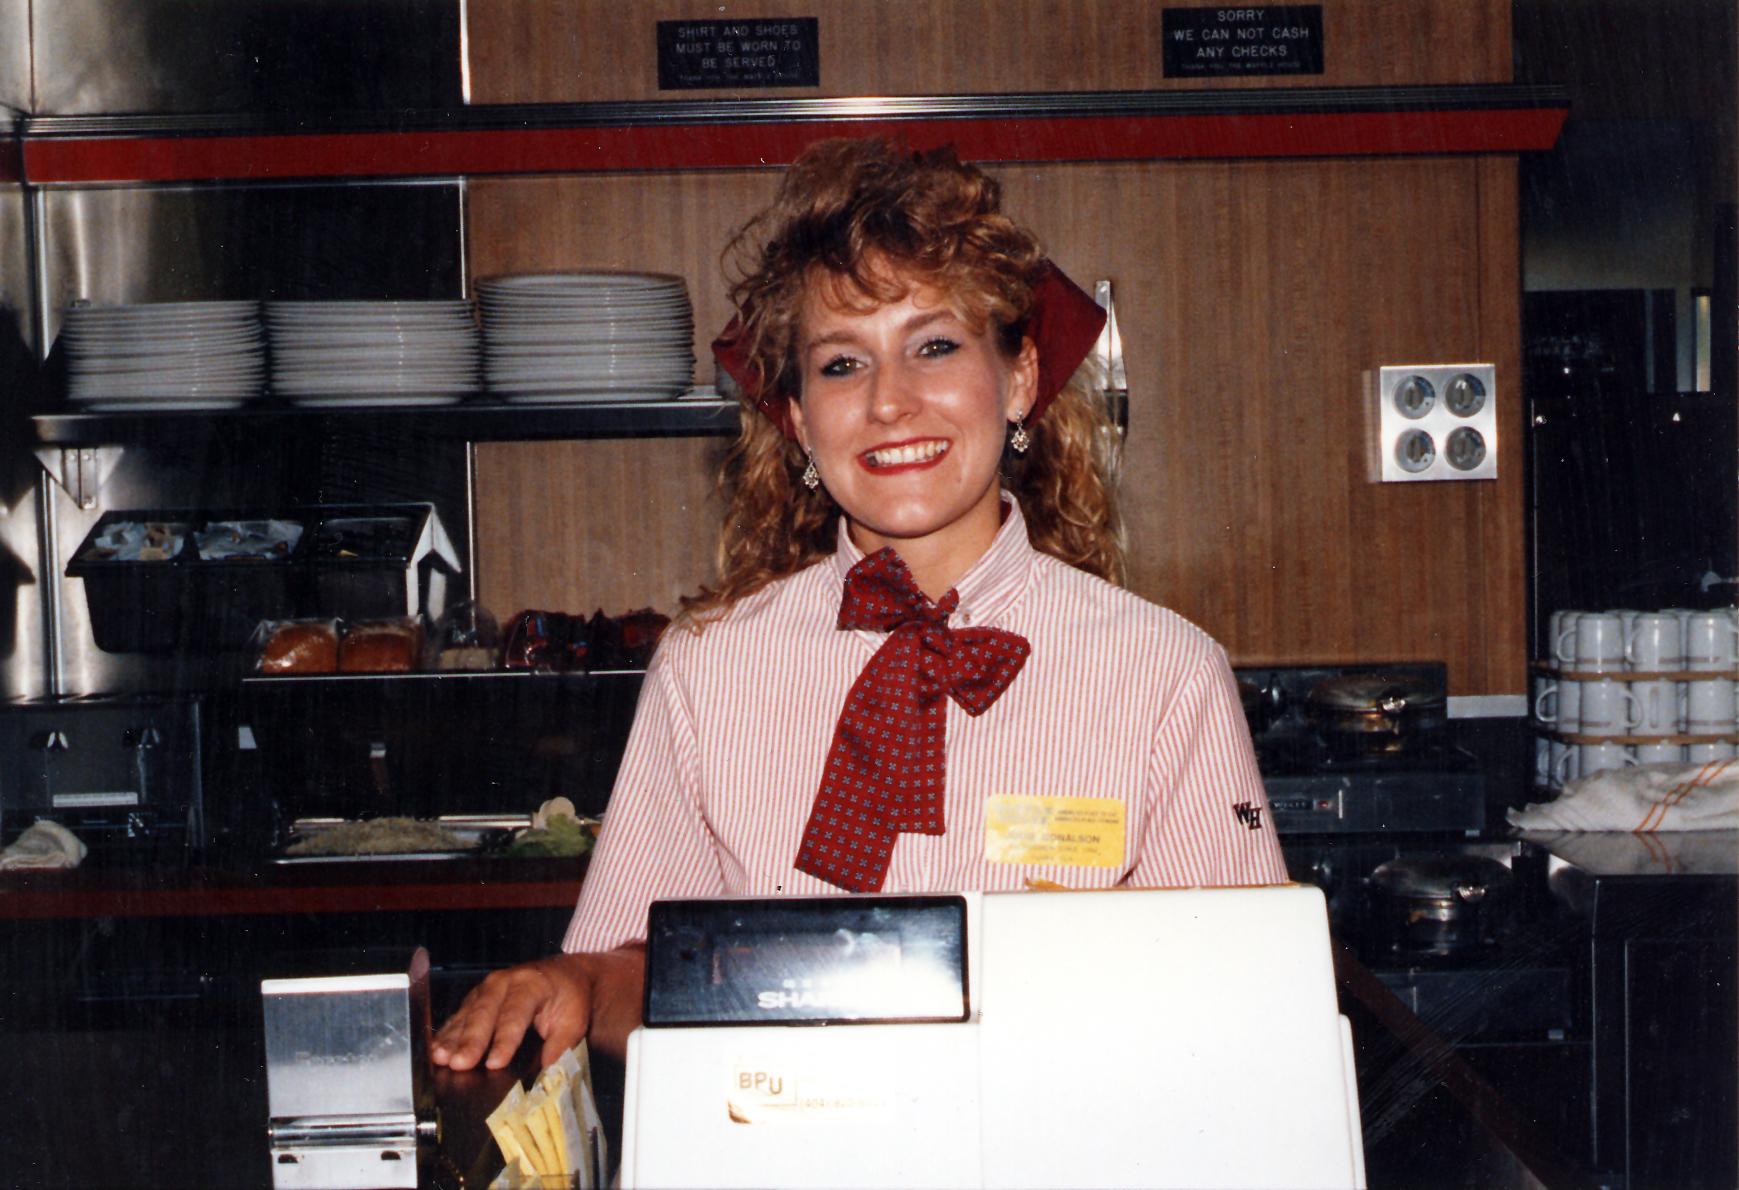 Vintage photo of Waffle House waitress